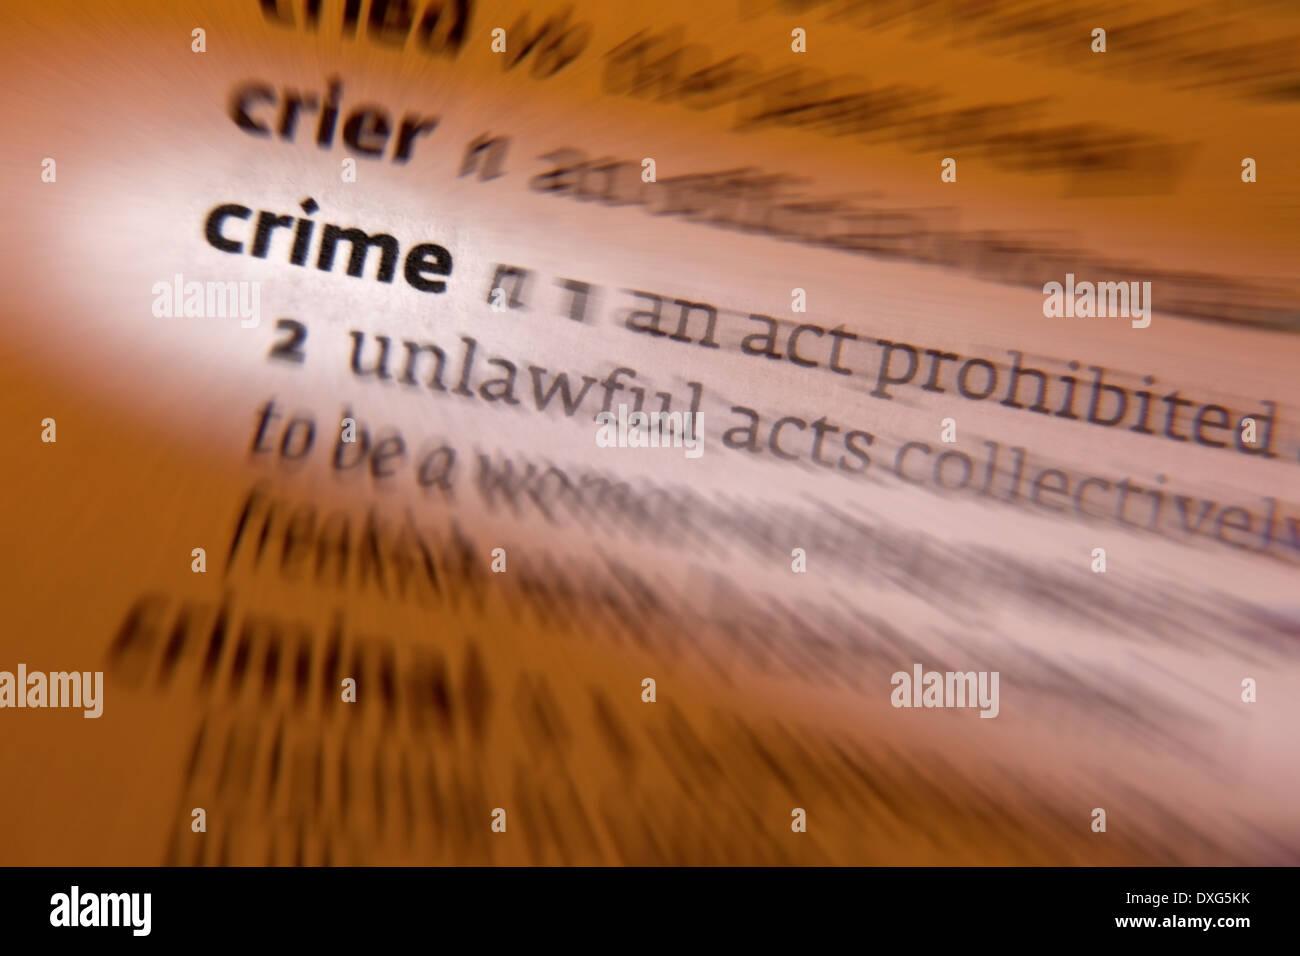 Kriminalität - eine Handlung oder Unterlassung, die eine Straftat darstellt, die vom Staat verfolgt werden kann und ist strafbar. Stockbild